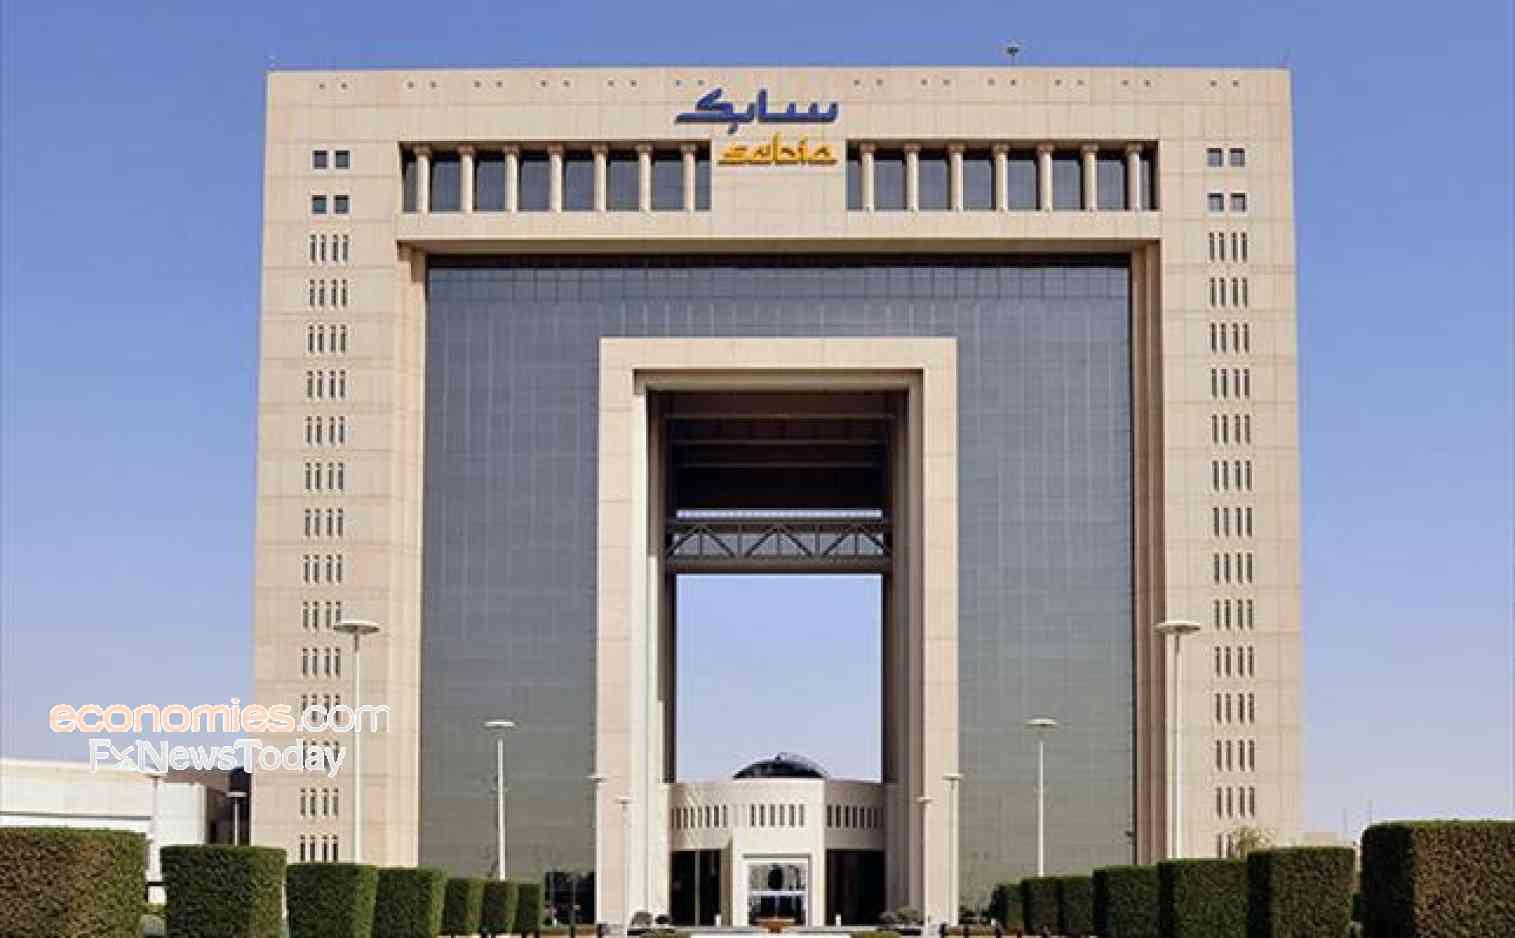 """يوسف البنيان: علامة """"سابك""""مقيمة بـ 3.9 مليار دولار وستظل مستقلة"""